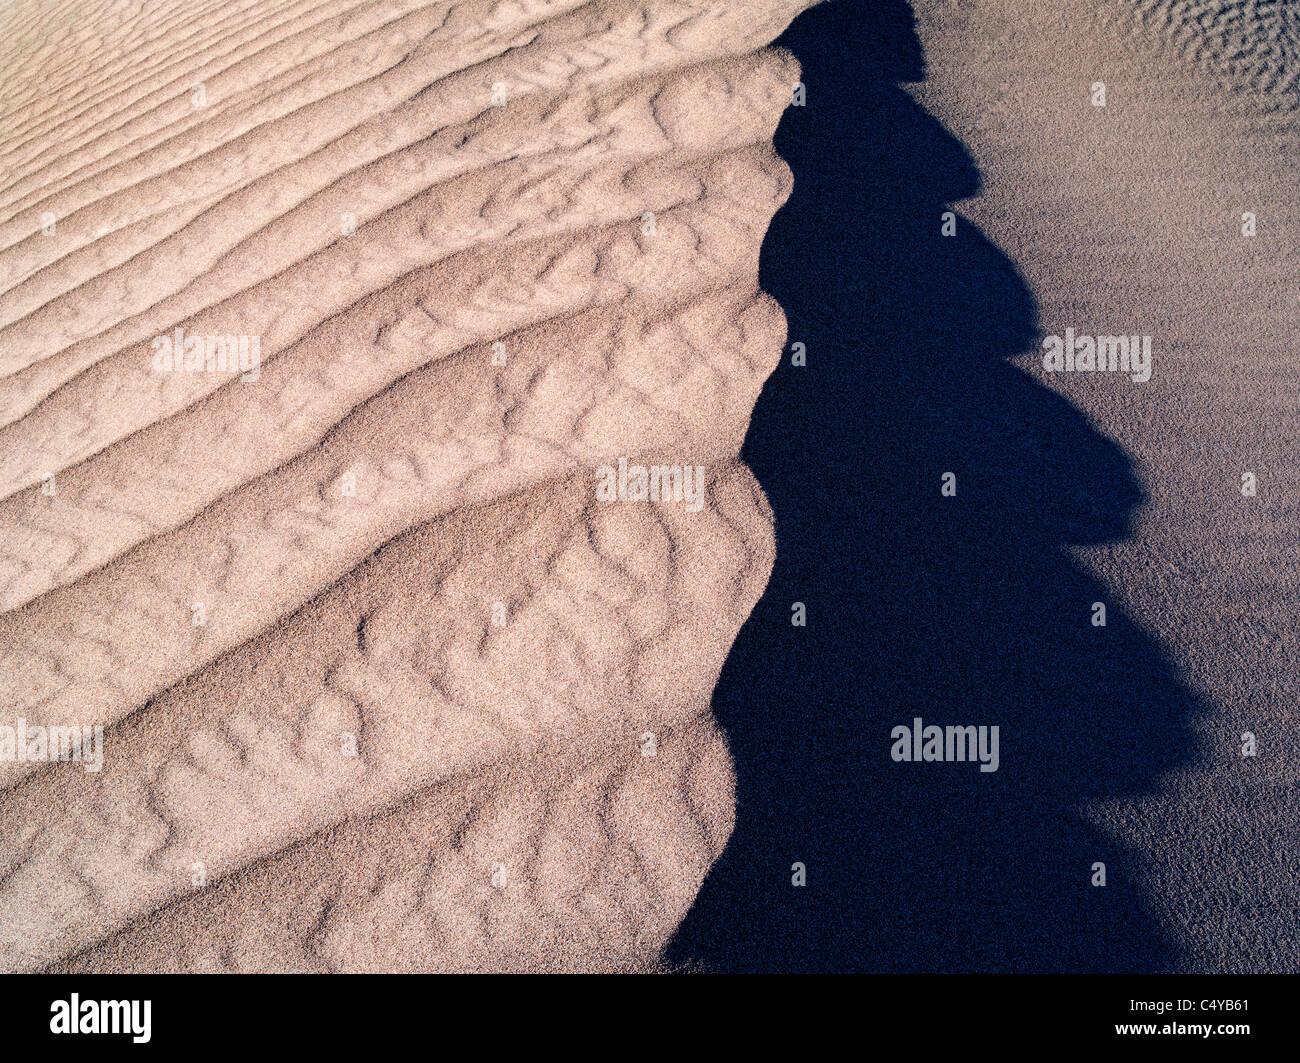 Patrones en la arena tras las intensas tormentas de viento. El Parque Nacional Valle de la Muerte, California Imagen De Stock